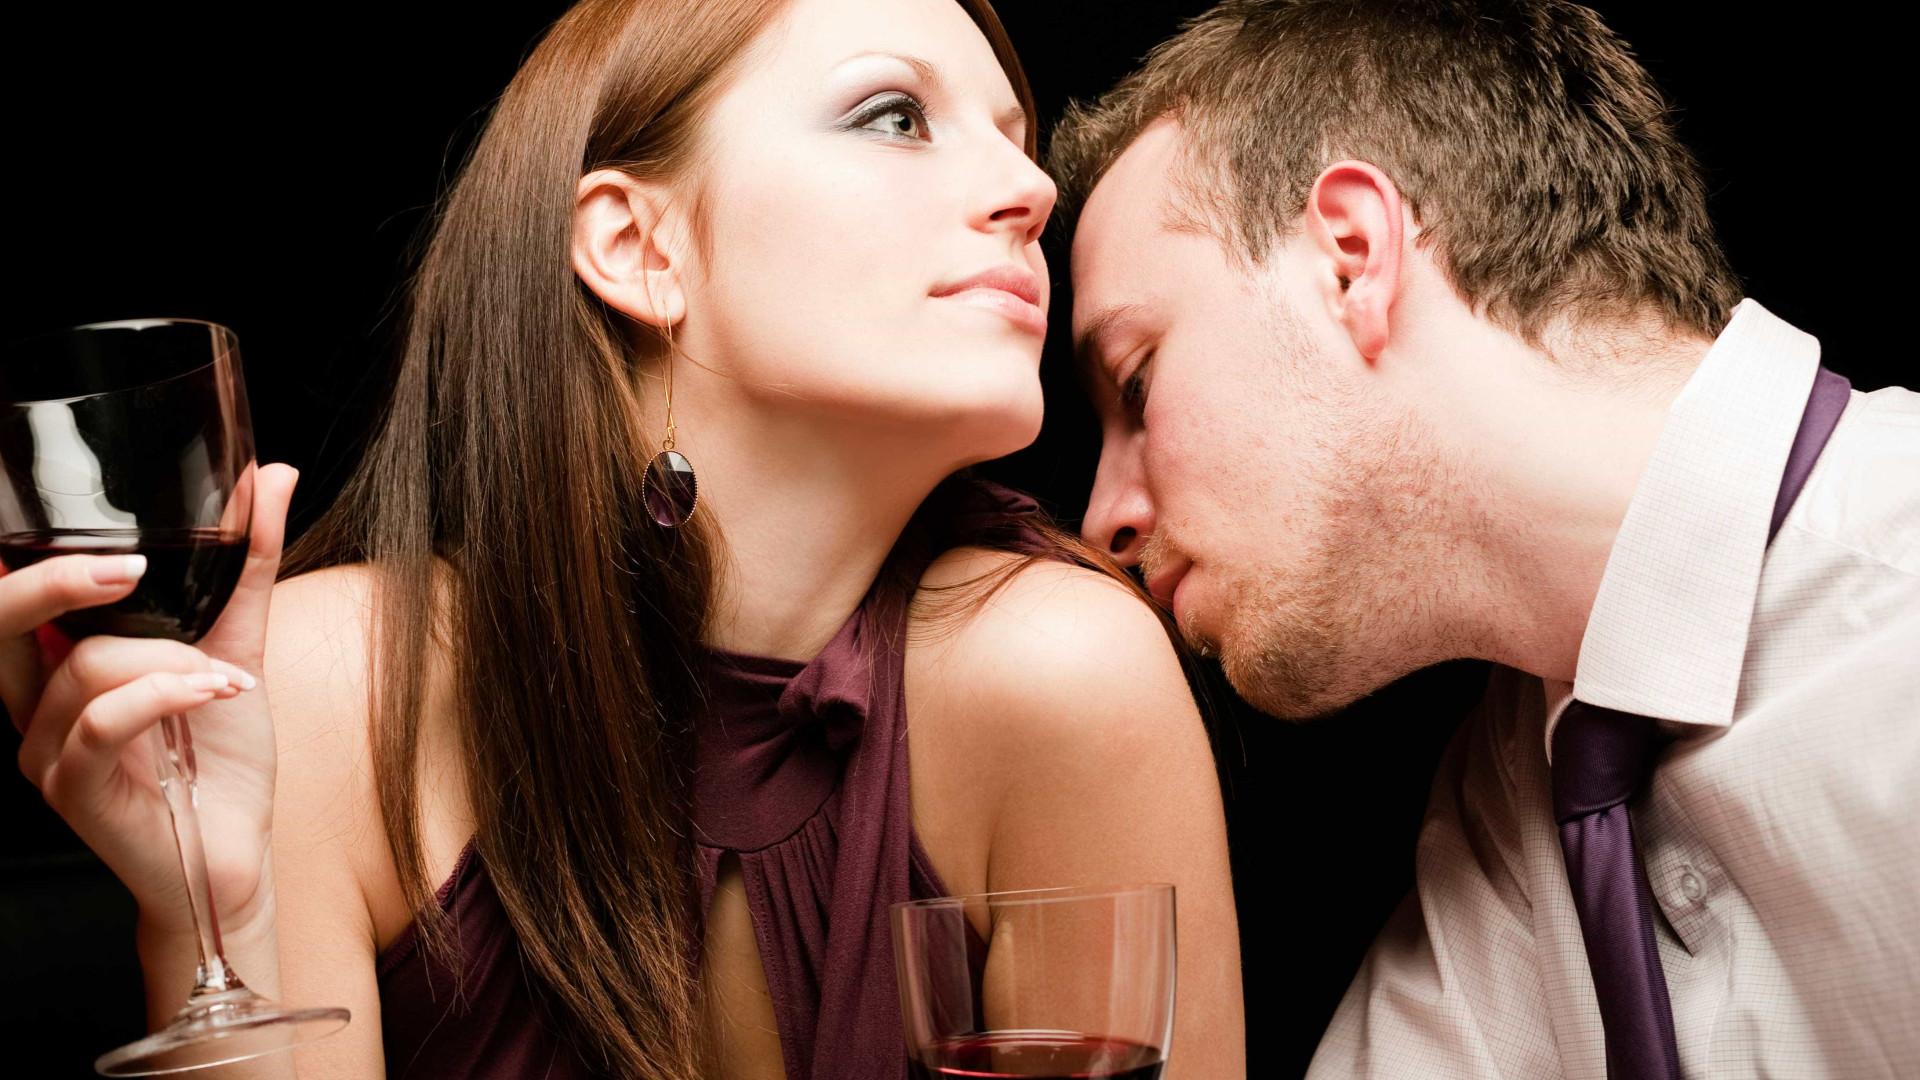 Dia dos namorados. Sexo antes do jantar. Saiba porquê…